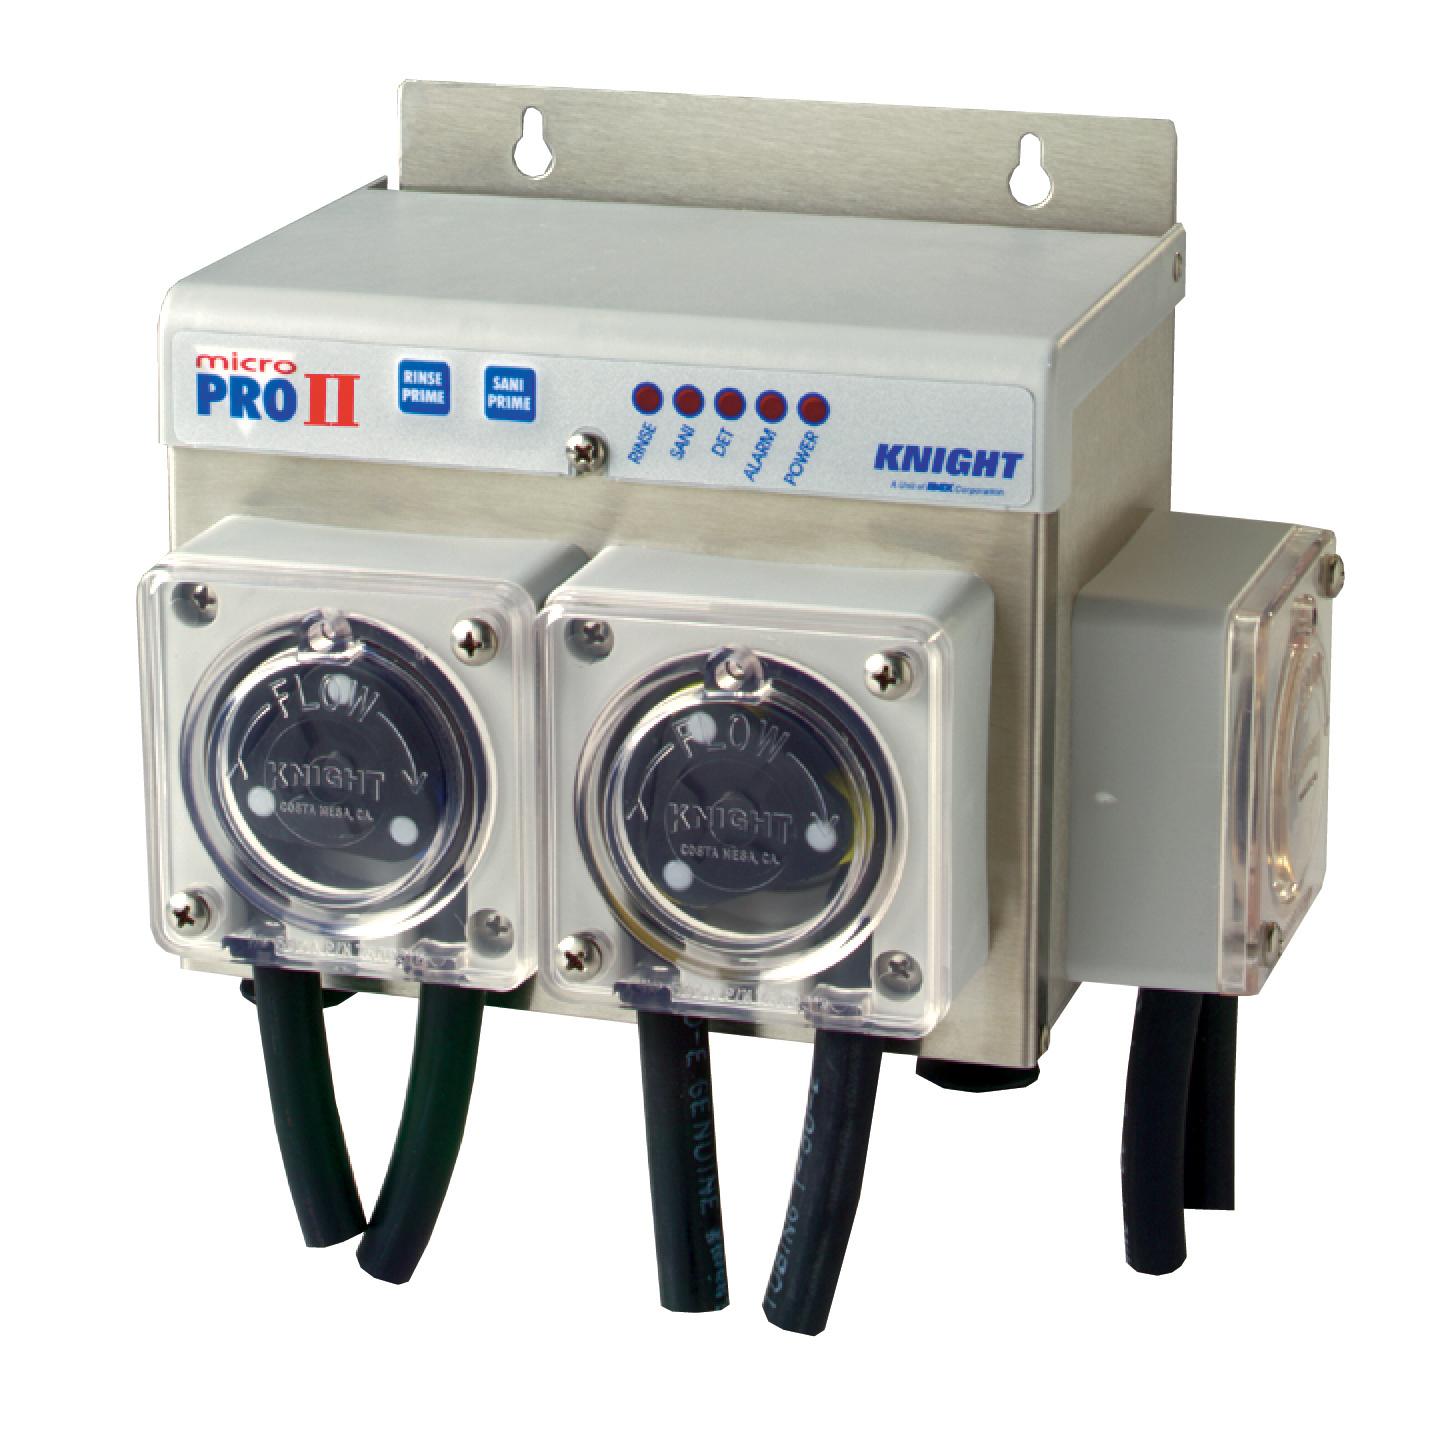 Micro Pro II